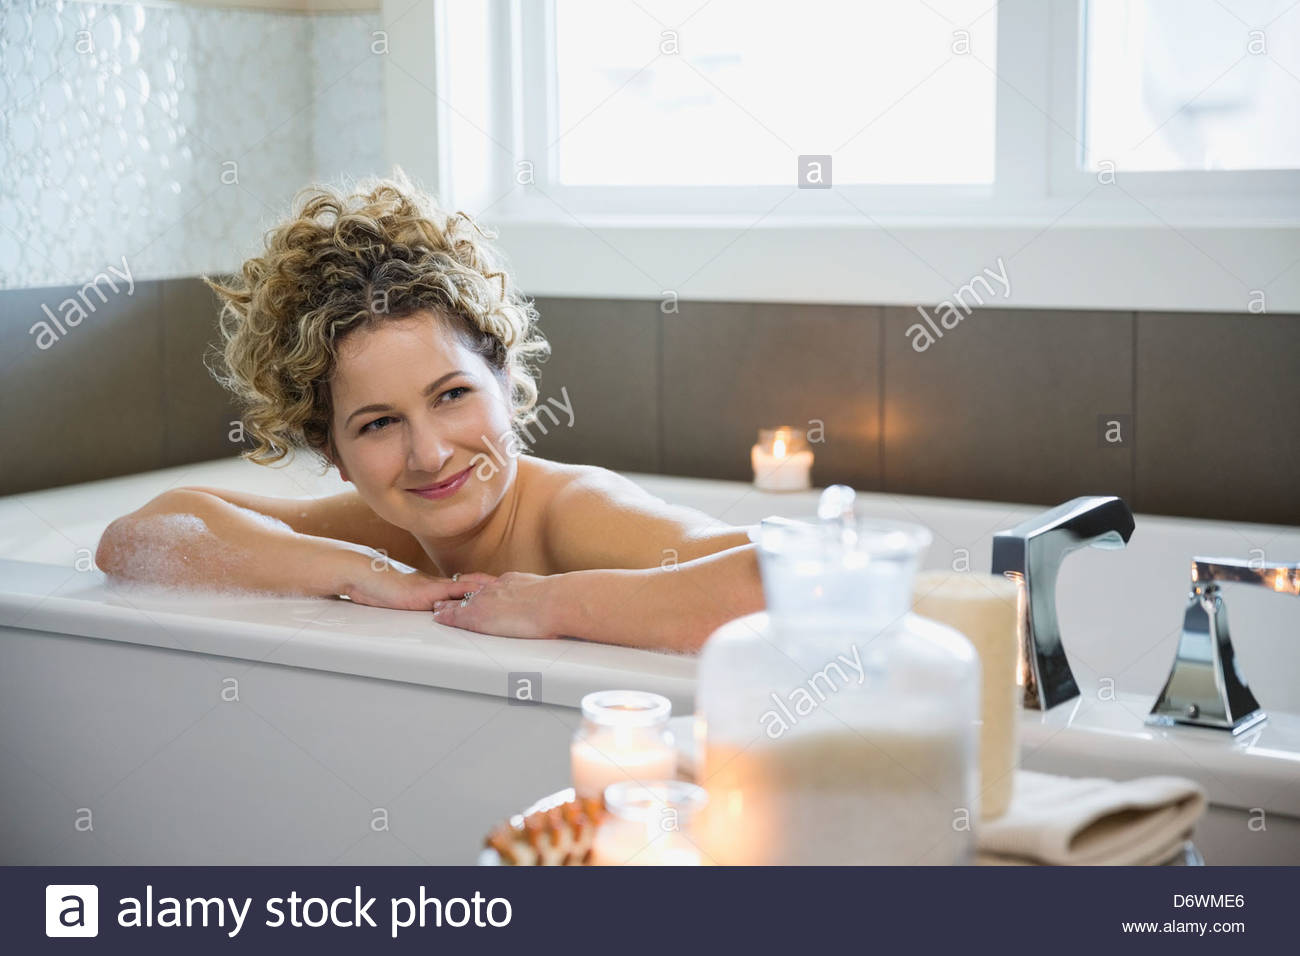 Femme mature à la route tout en vous relaxant dans une baignoire Photo Stock